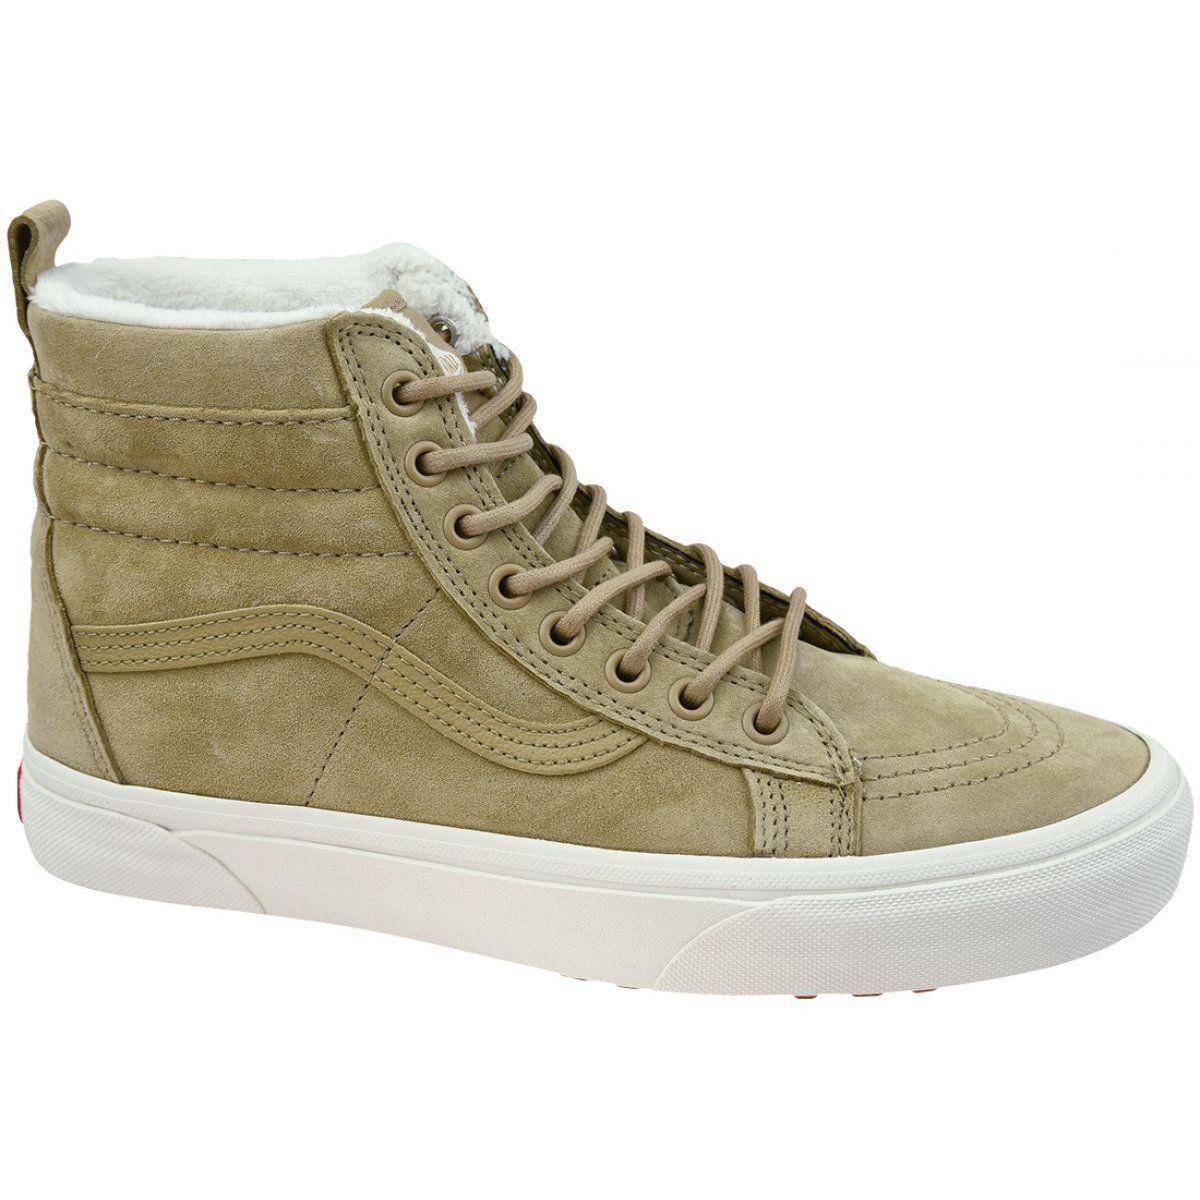 Vans Sk8 Hi Mte W Vn0a33txuc31 Brown Vans Sk8 Vans Vans High Top Sneaker